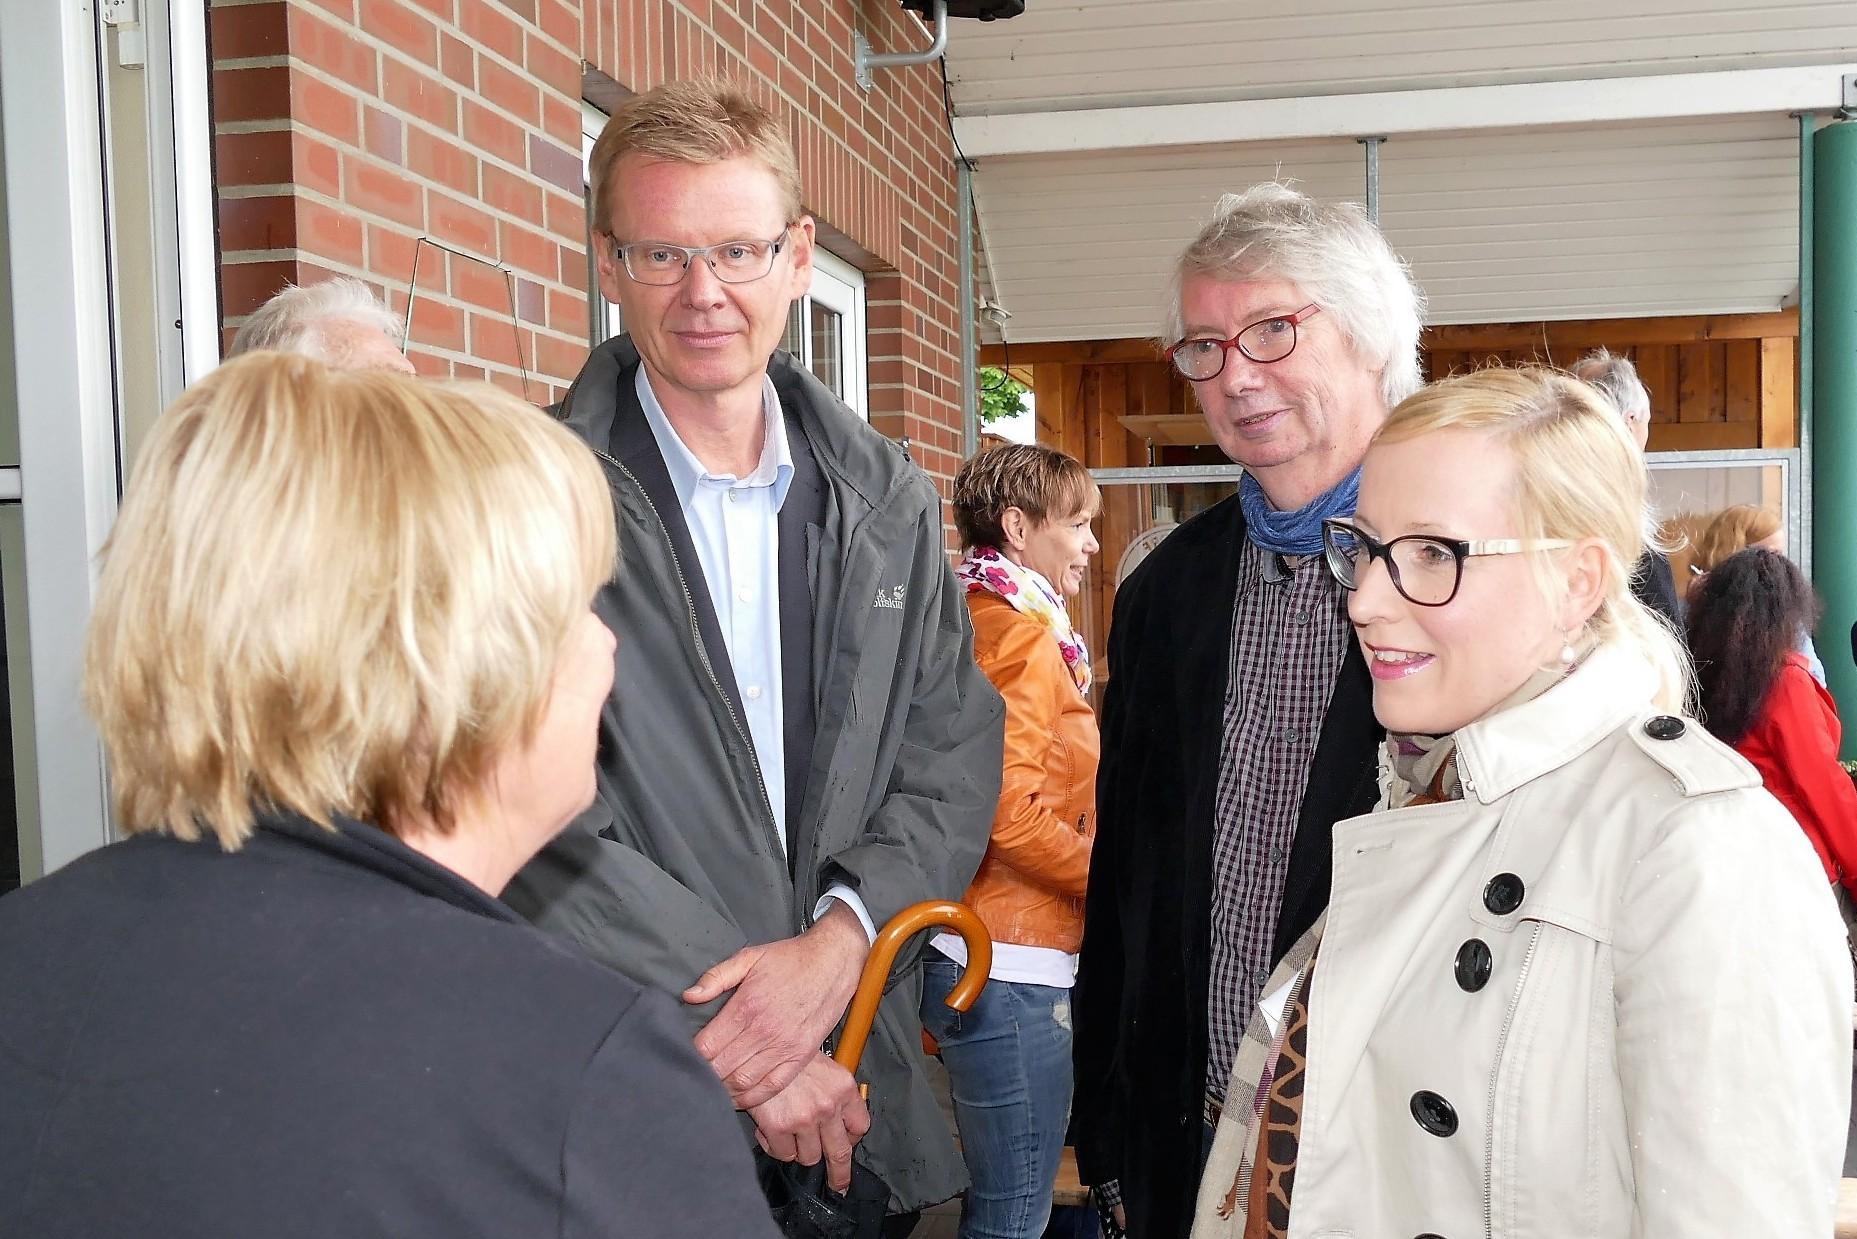 Erstmalig mit dabei: viele Gäste aus der Politik - hier Nadja Weippert, Uwe Blanck und Reinhard Riepshoff von Bündnis90/DIE GRÜNEN